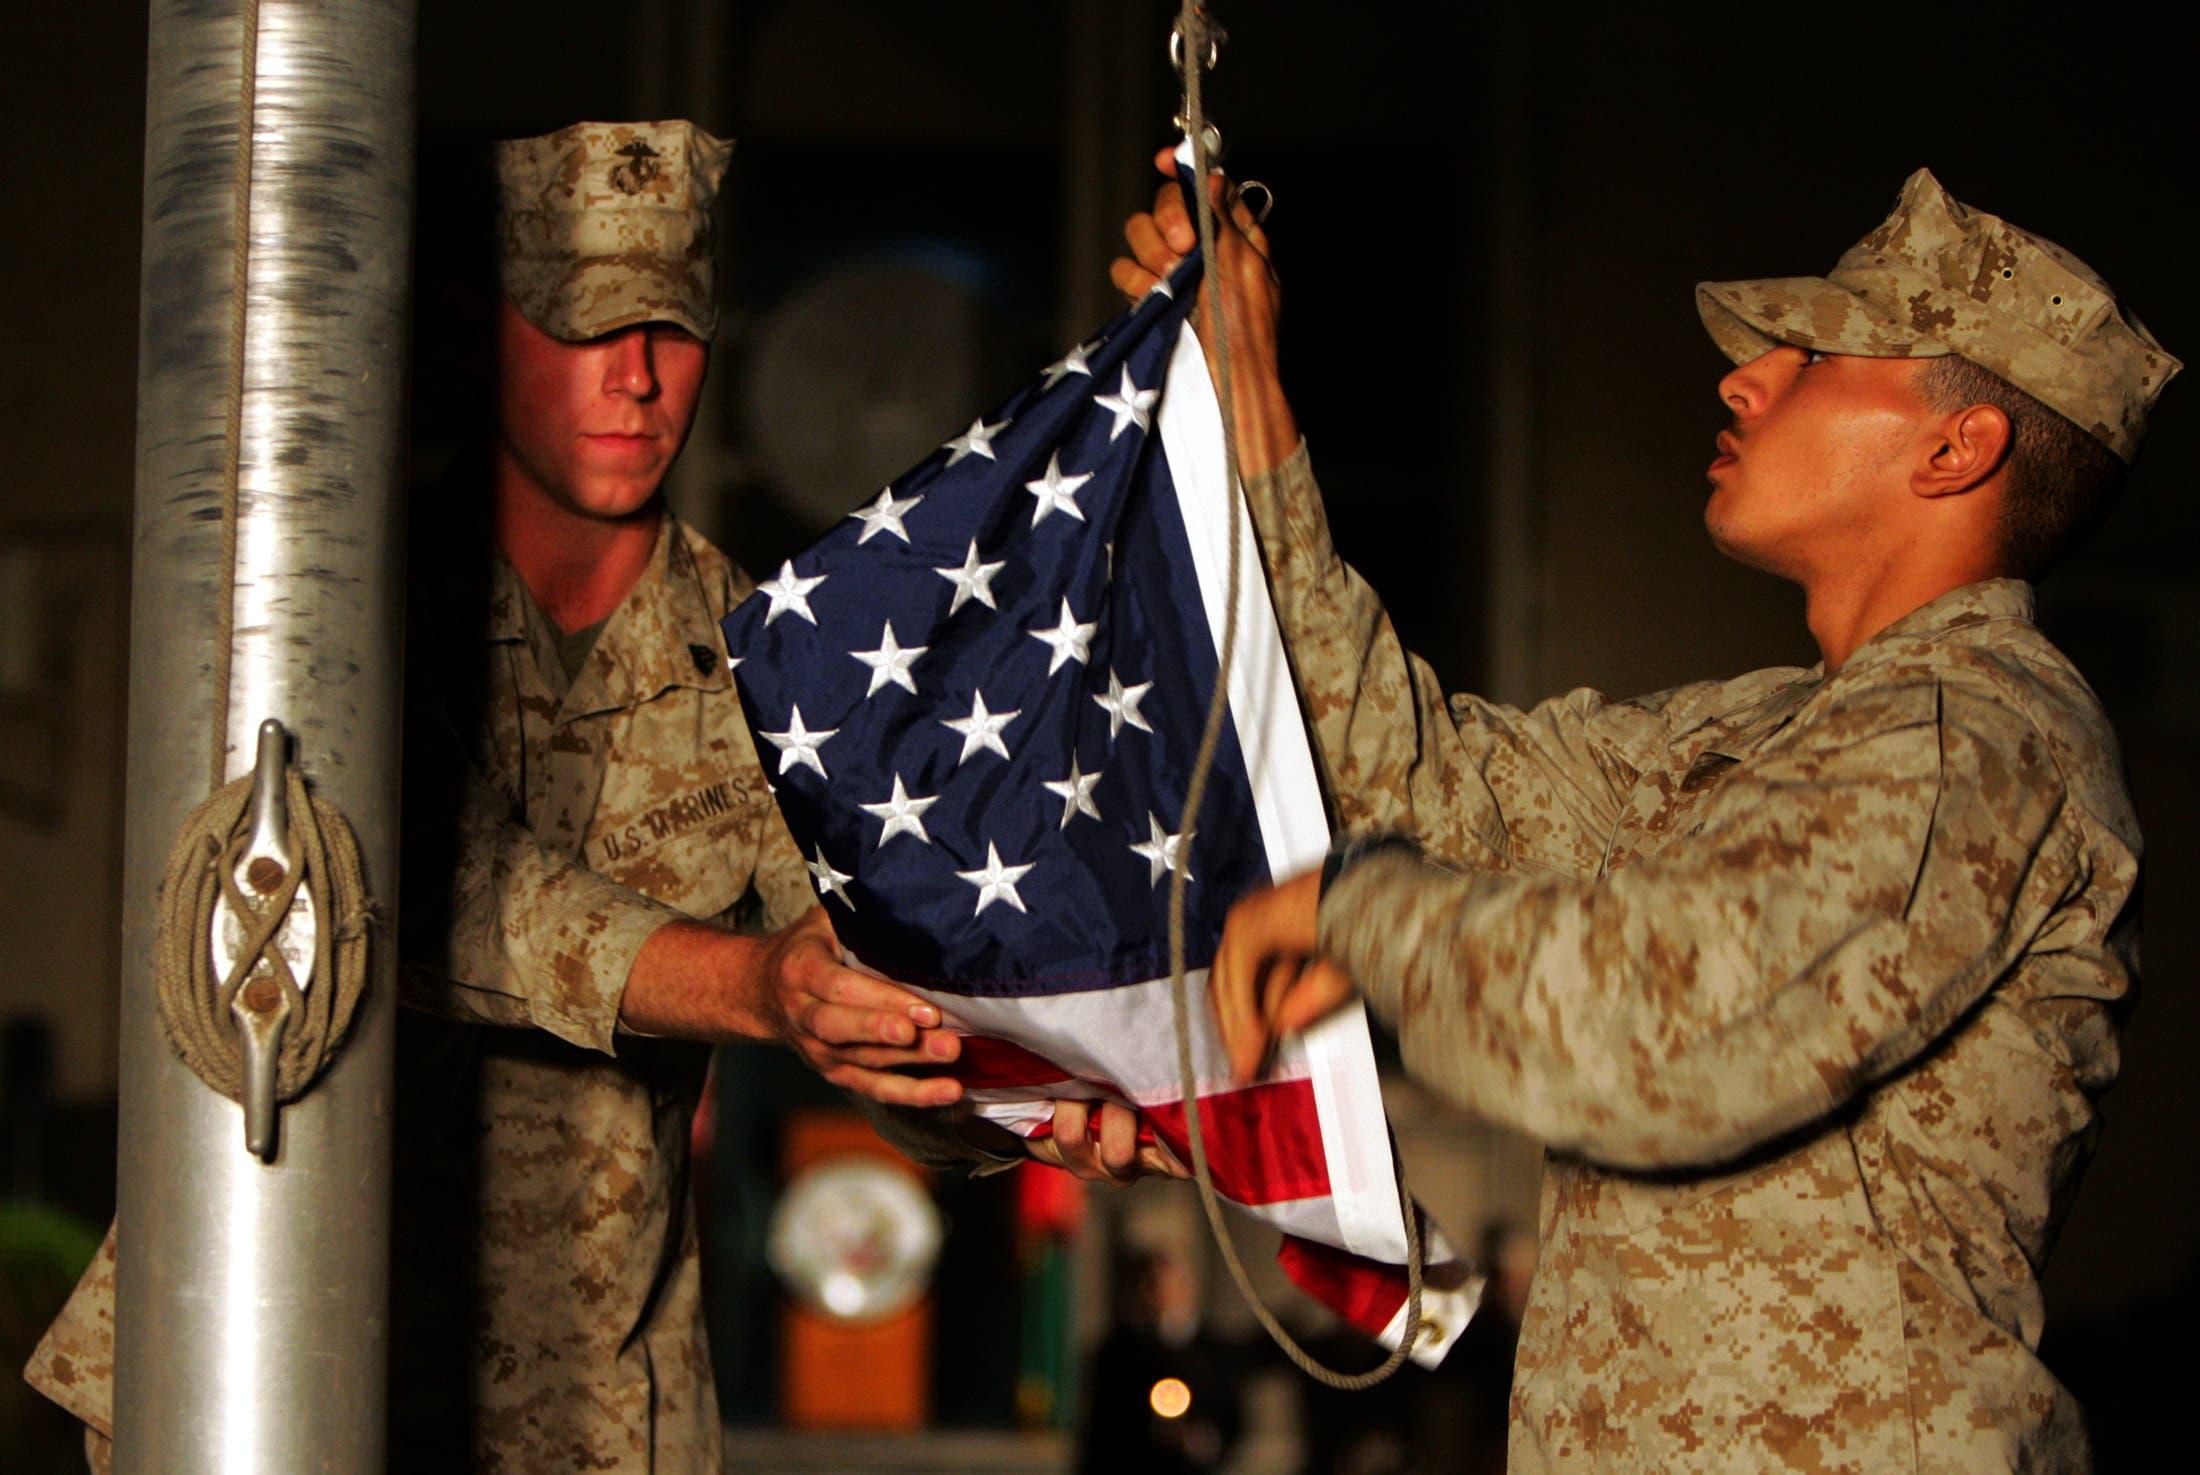 جنود يرفعون العلم الأميركي (أرشيفية - رويترز)